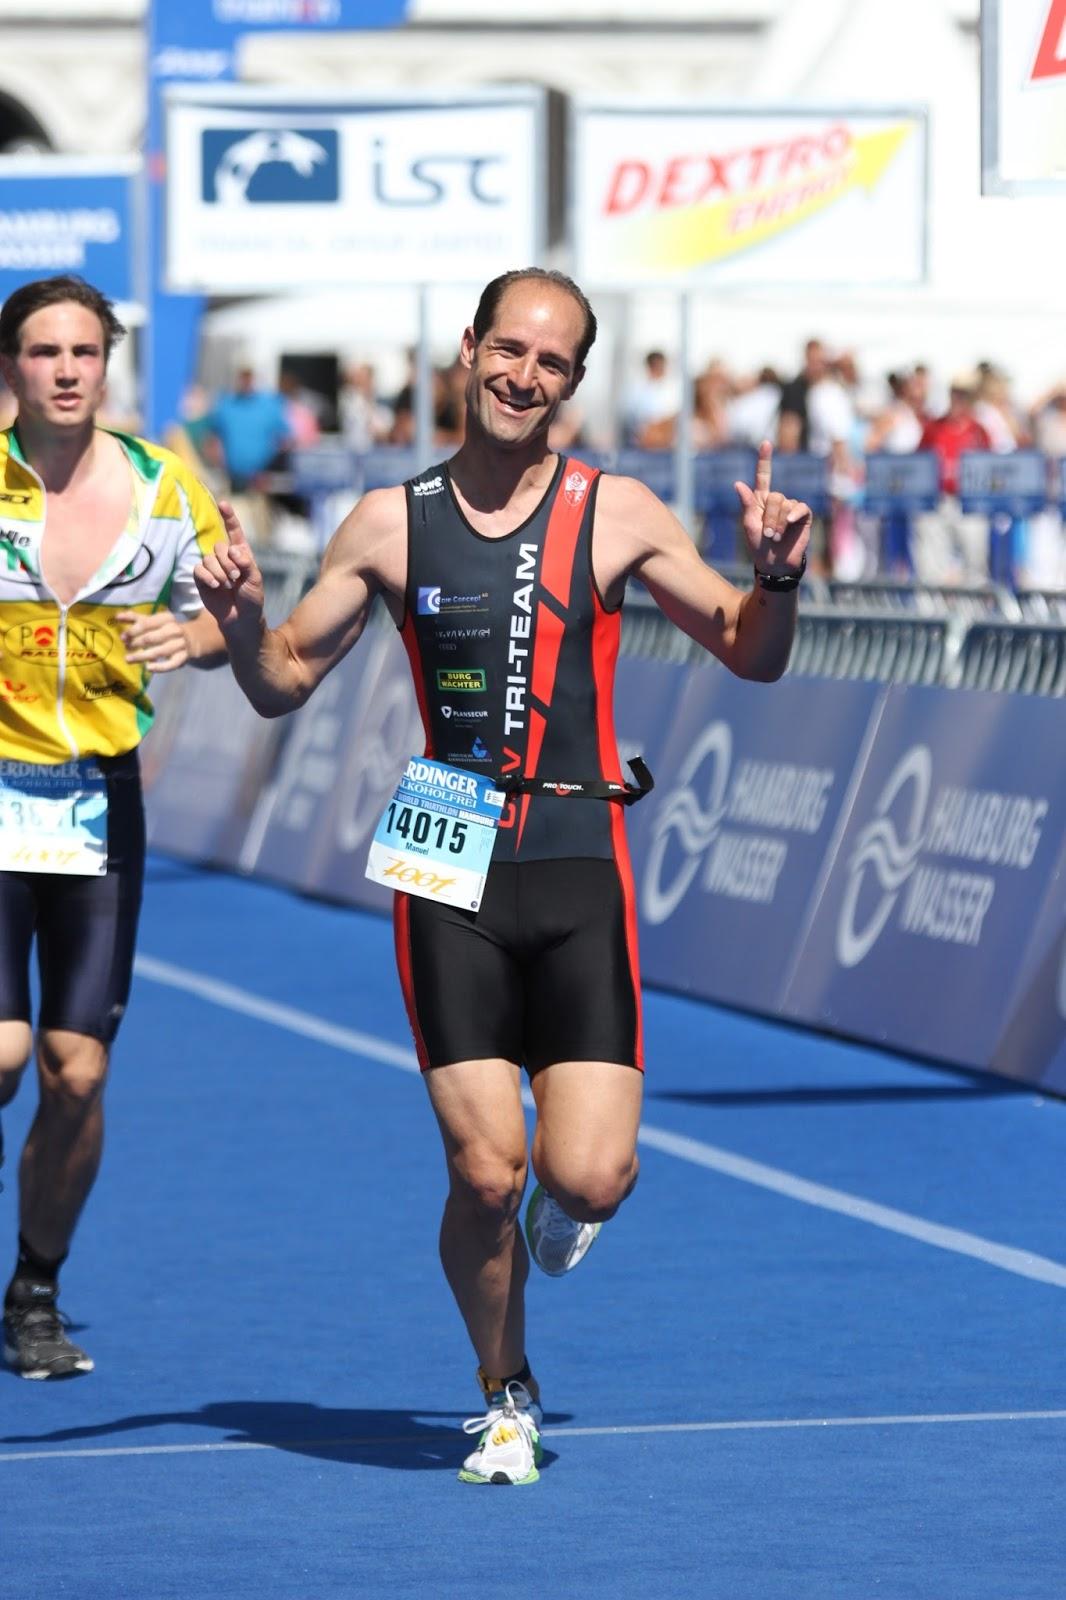 Markus williamhill coupon code 2015 williamhill tunisie Conrad | Bericht: ITU Triathlon Hamburg